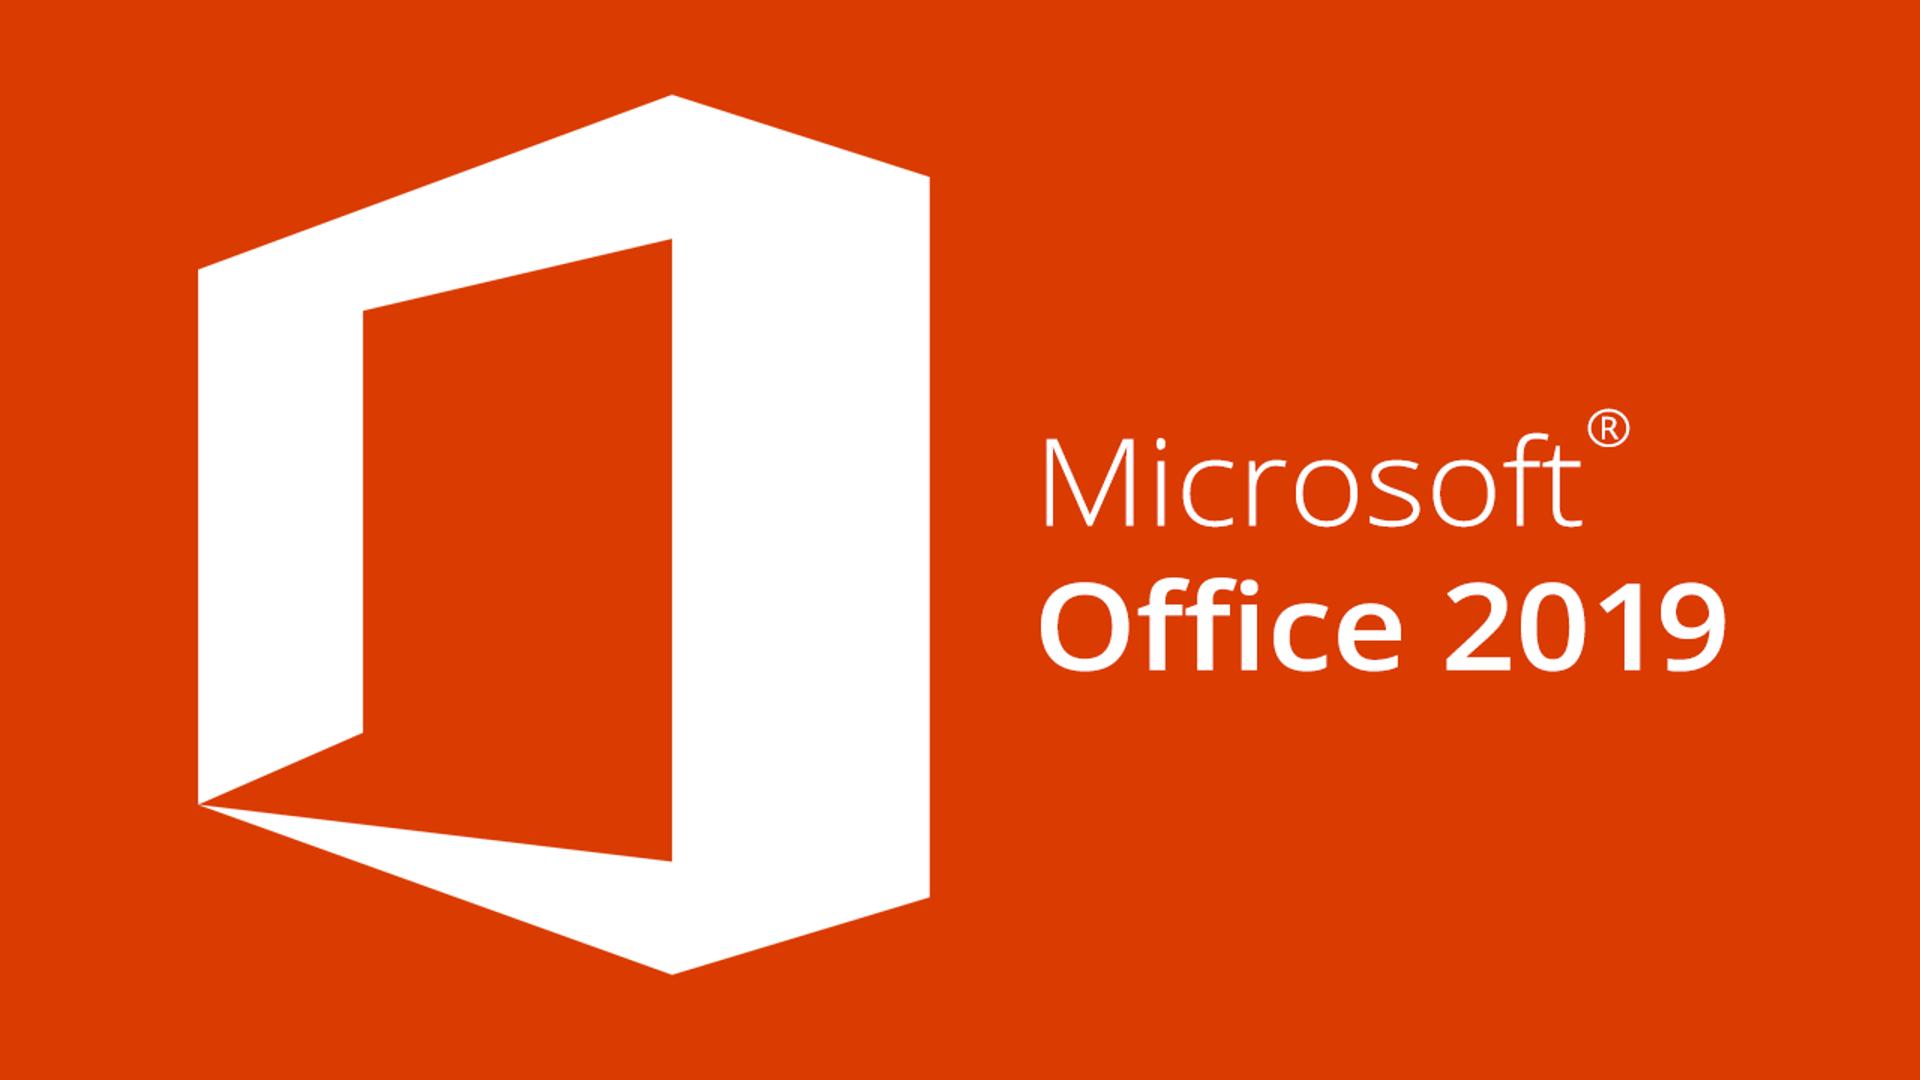 Microsoft Office 2019 Önümüzdeki Yıl Yayınlanacak - Microsoft Office PNG HD